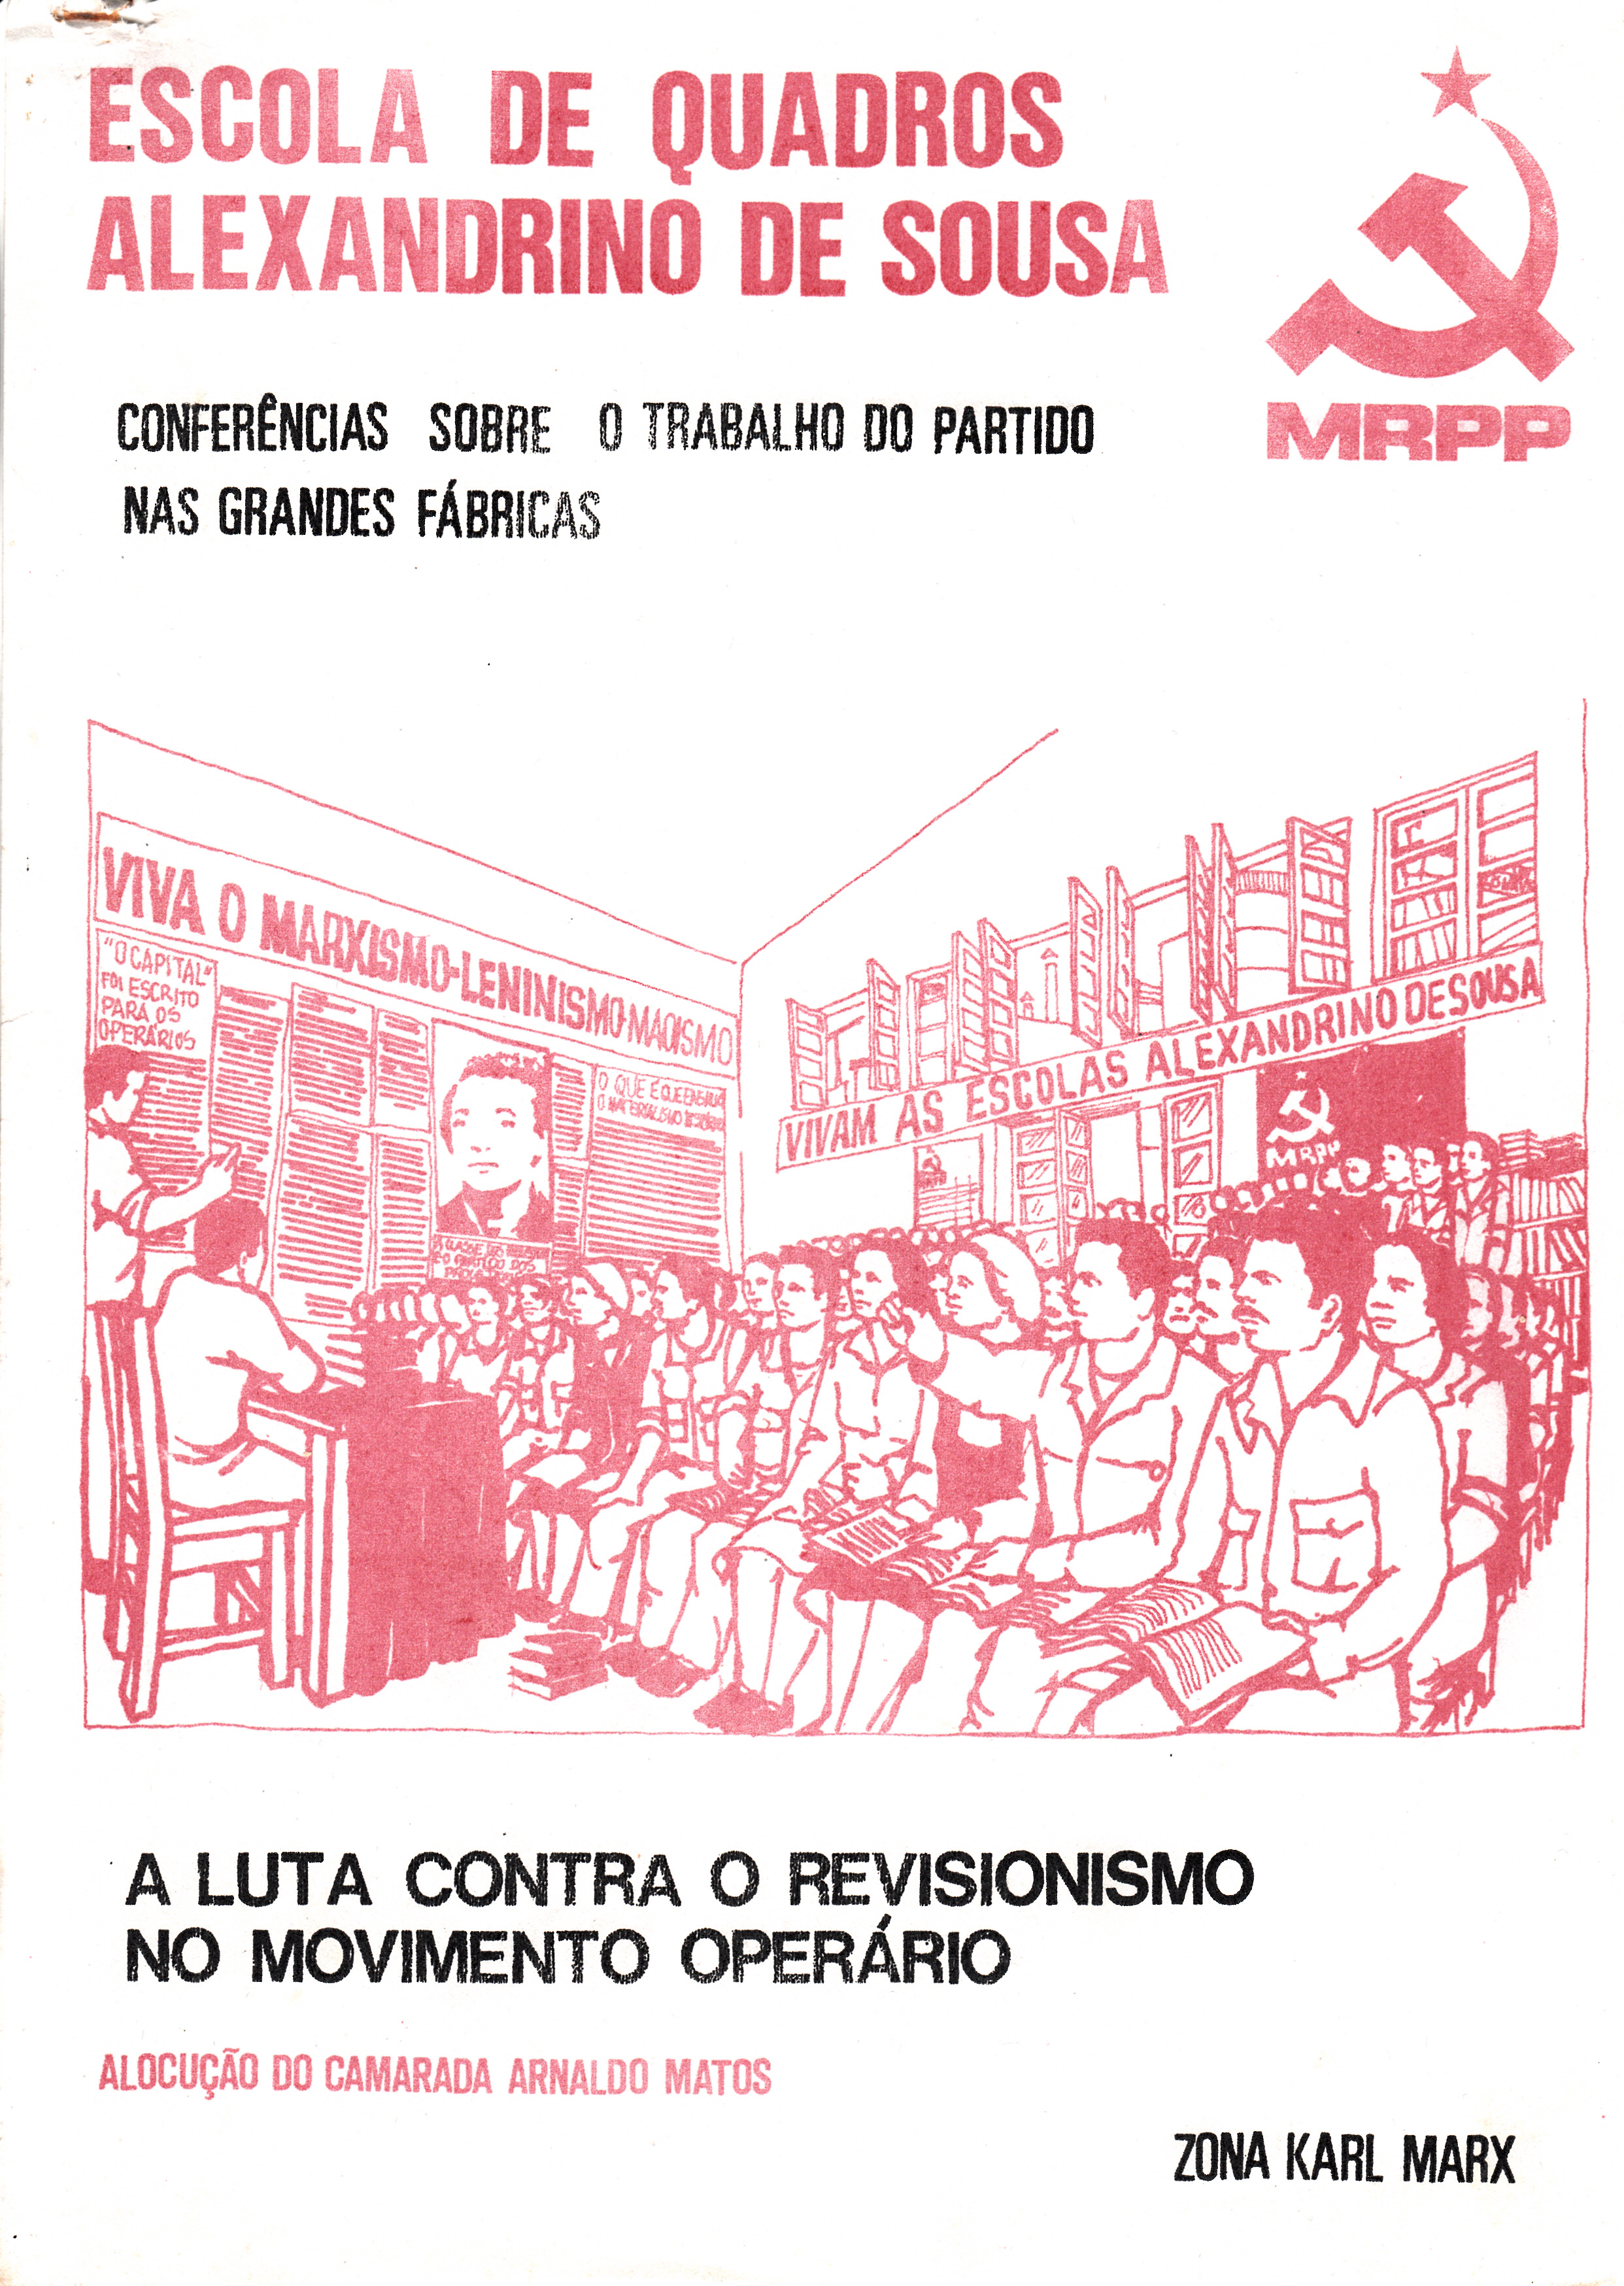 MRPP_1976_EQ_Alexandrino_Sousa_0001